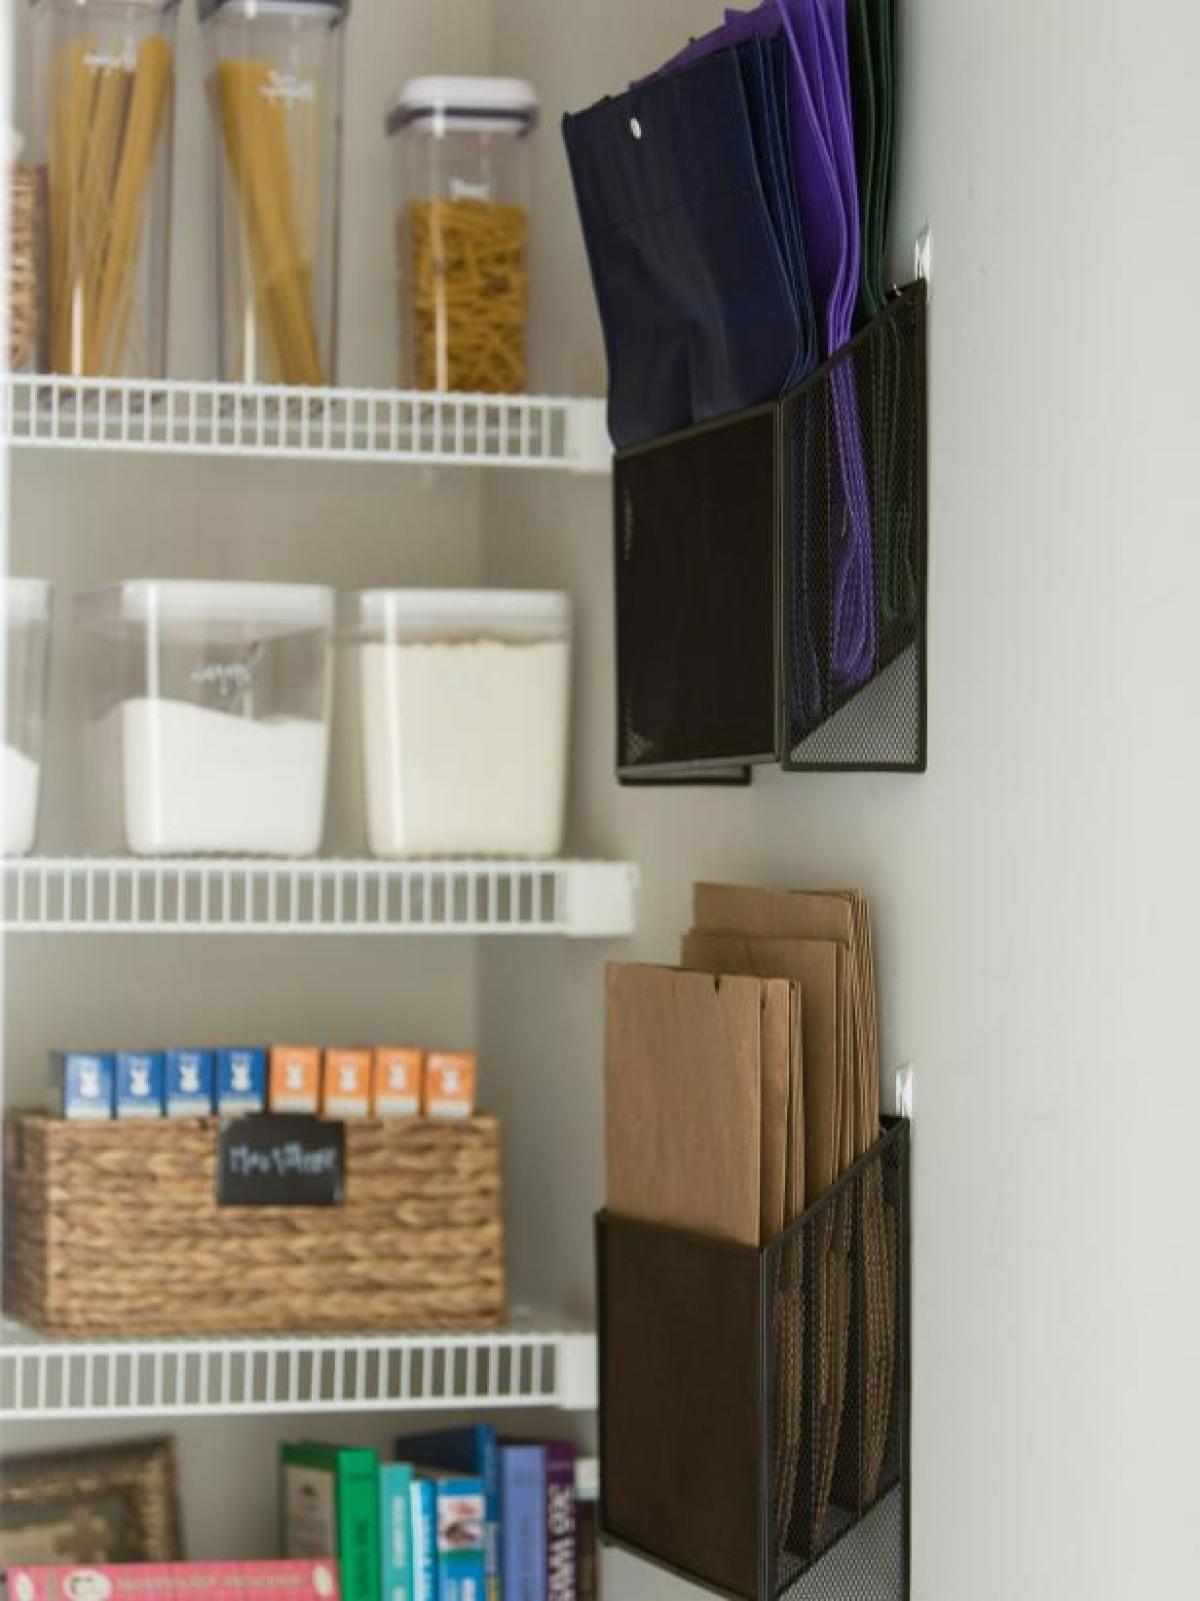 Tái chế: Sử dụng những móc treo tường có thể tháo dời để treo những túi giấy tái sử dụng, vừa bảo vệ môi trường vừa gọn gàng, ngắn nắp!